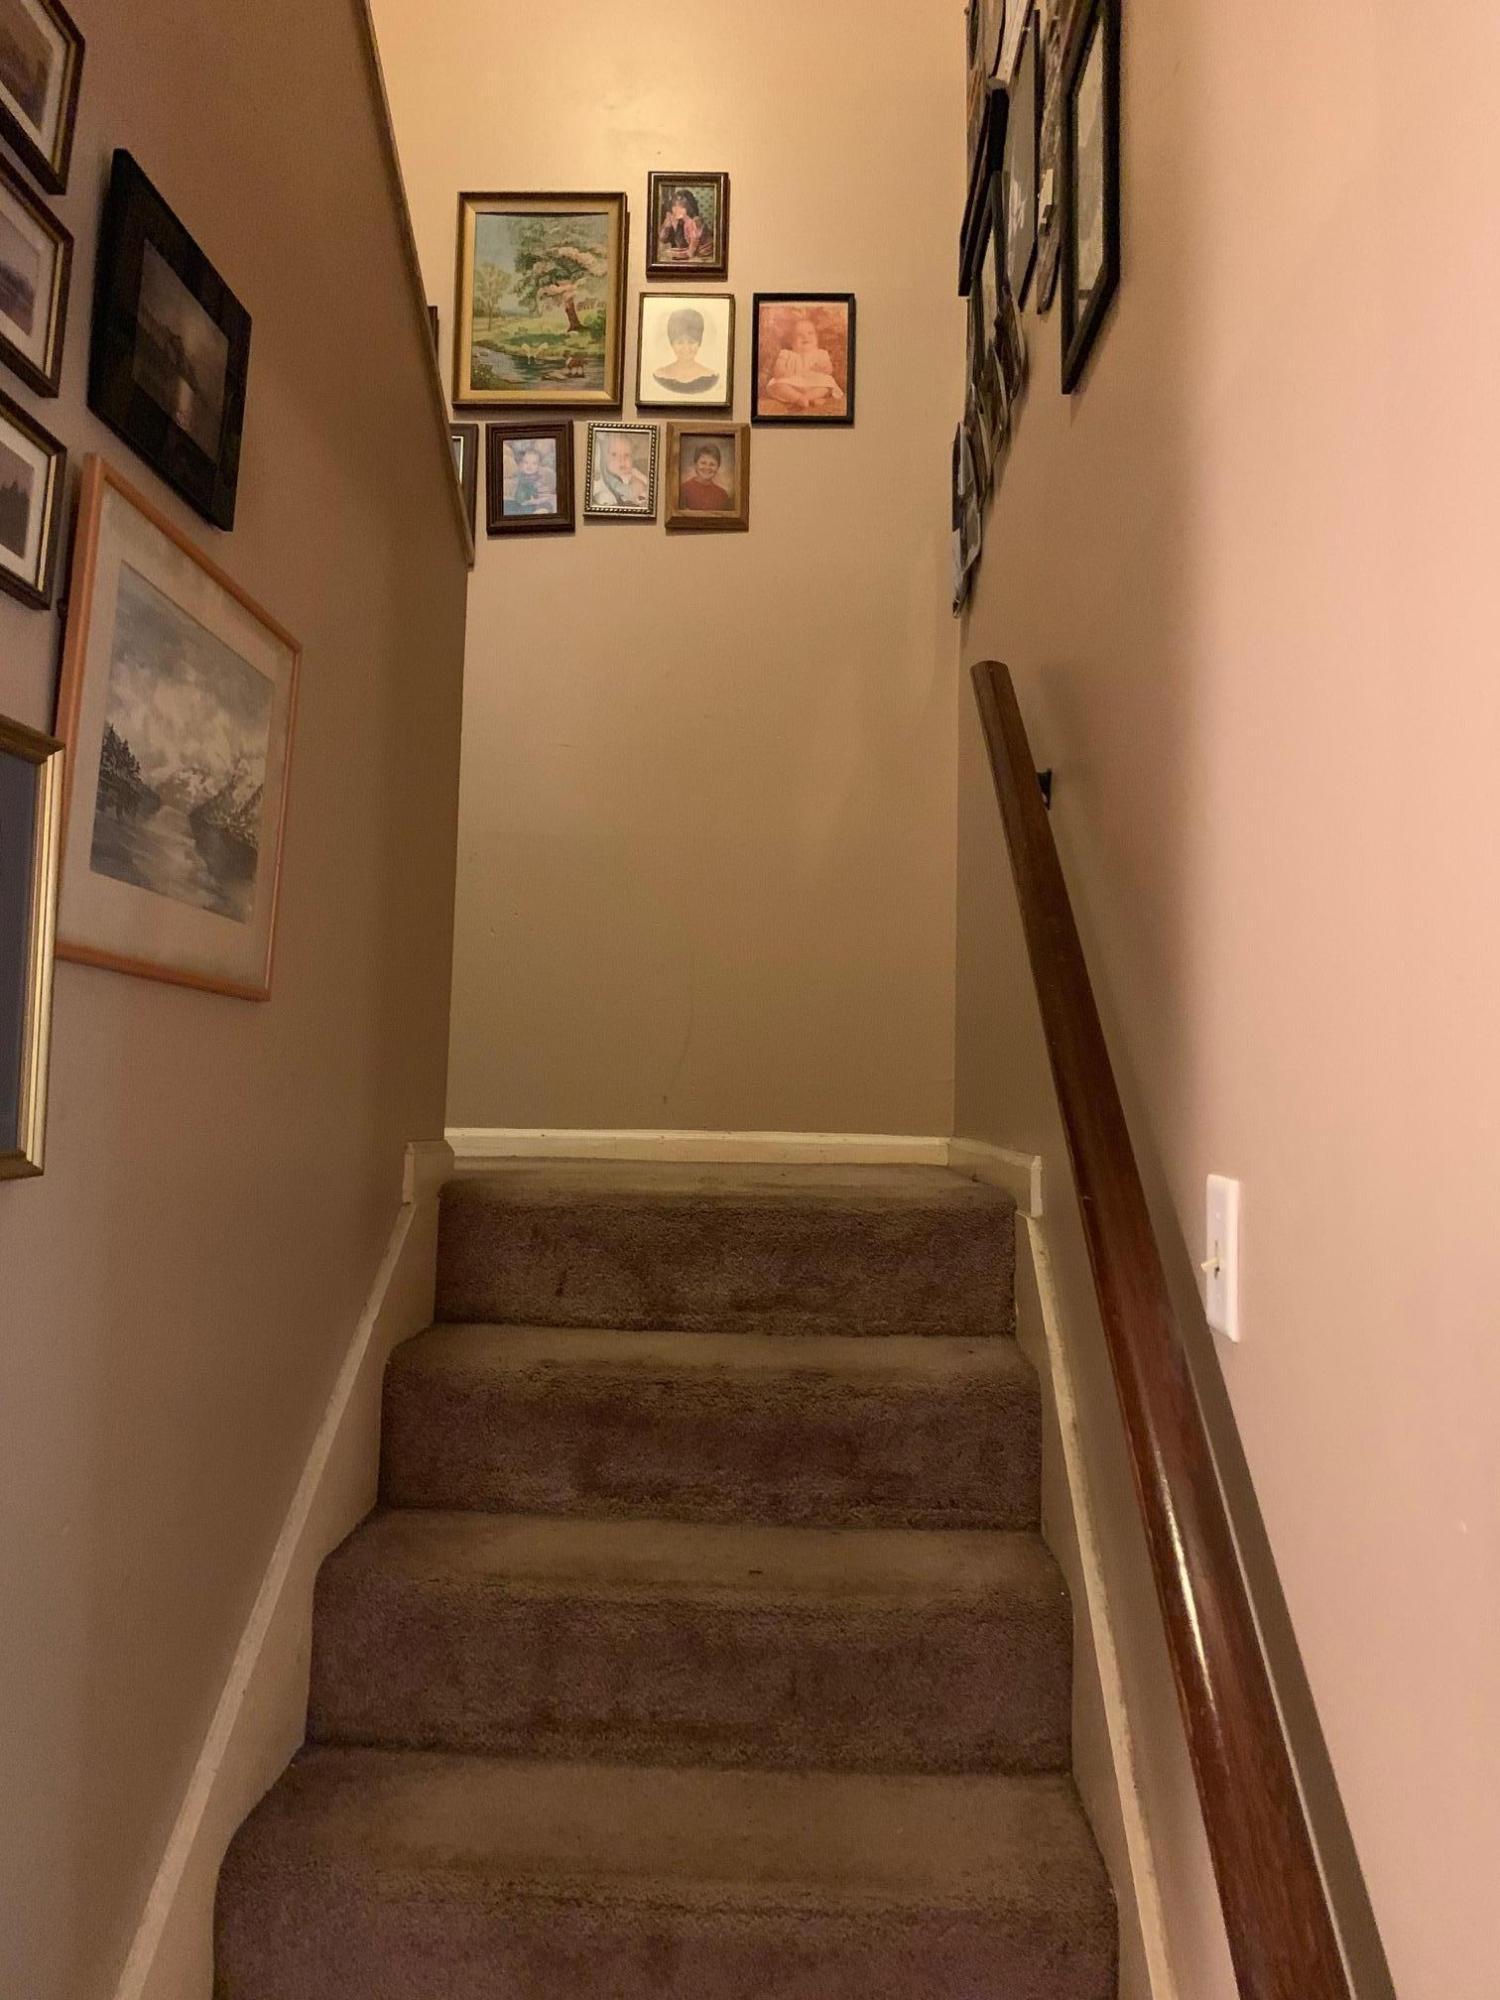 Dorchester Square Homes For Sale - 4344 Great Oak, North Charleston, SC - 8